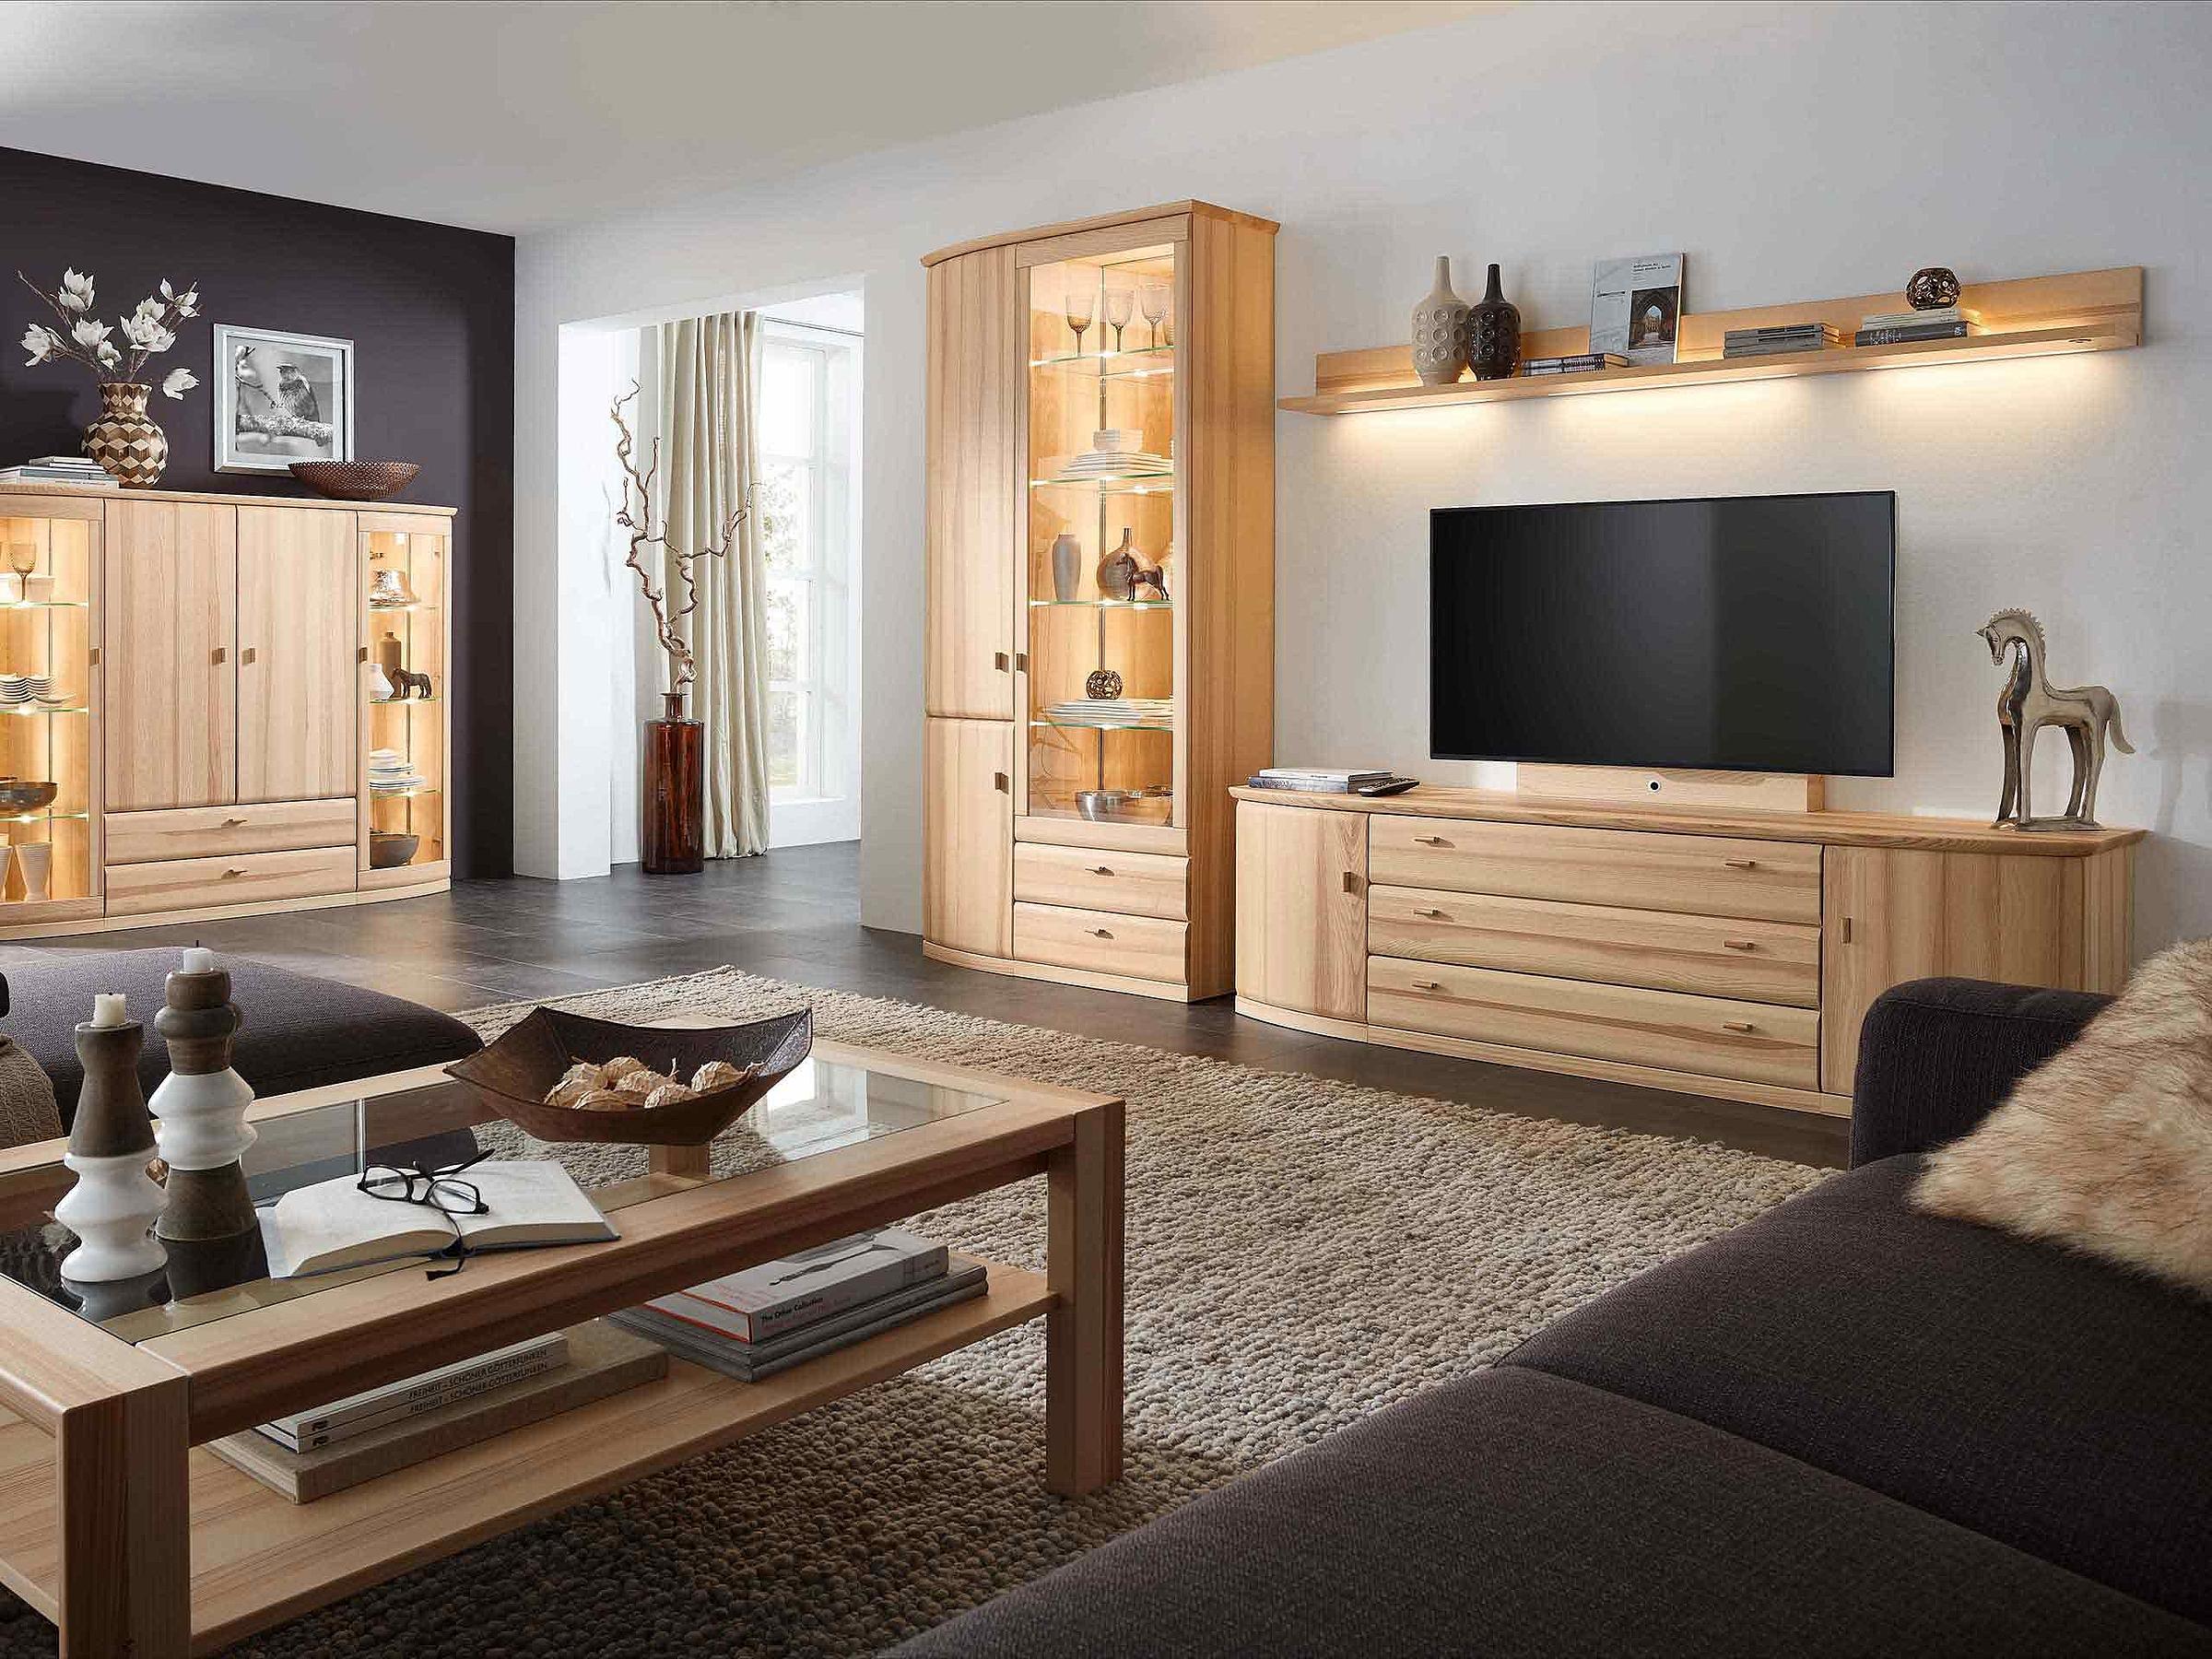 Kommode Wohnwand Couchtisch Wohnzimmer Opus Kernesche massiv